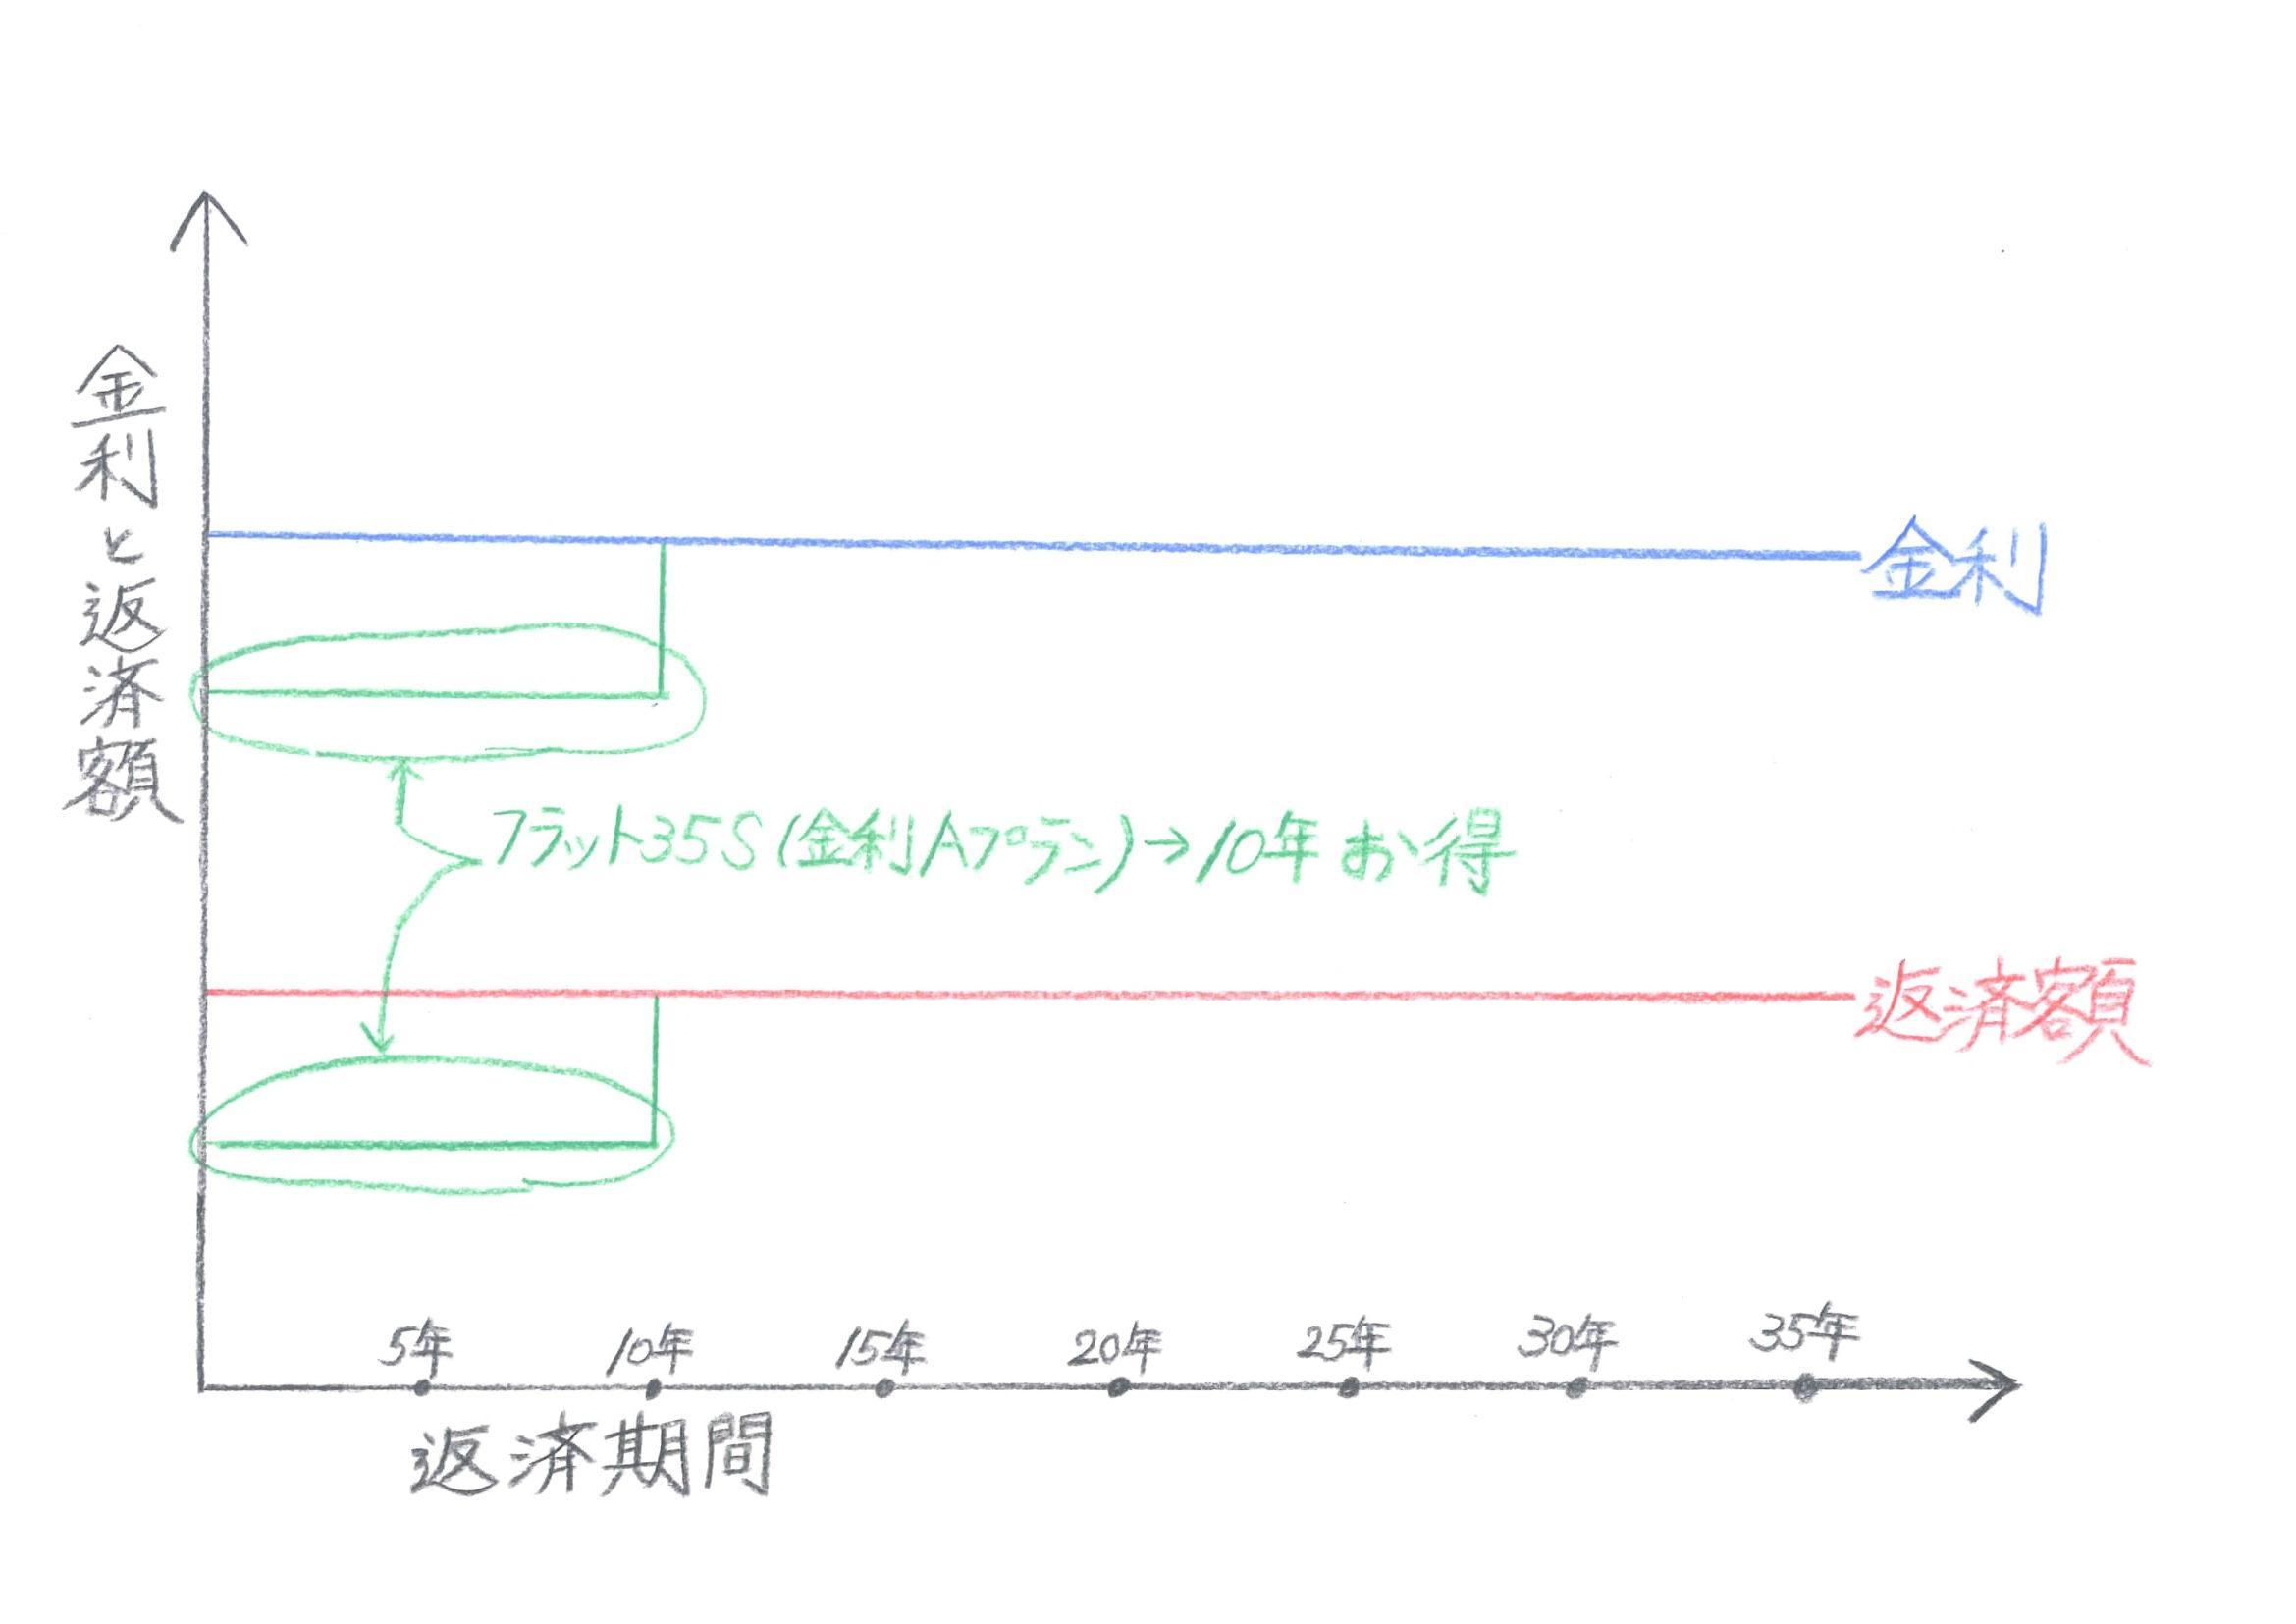 全期間固定金利イメージ図 フラット35S 金利A